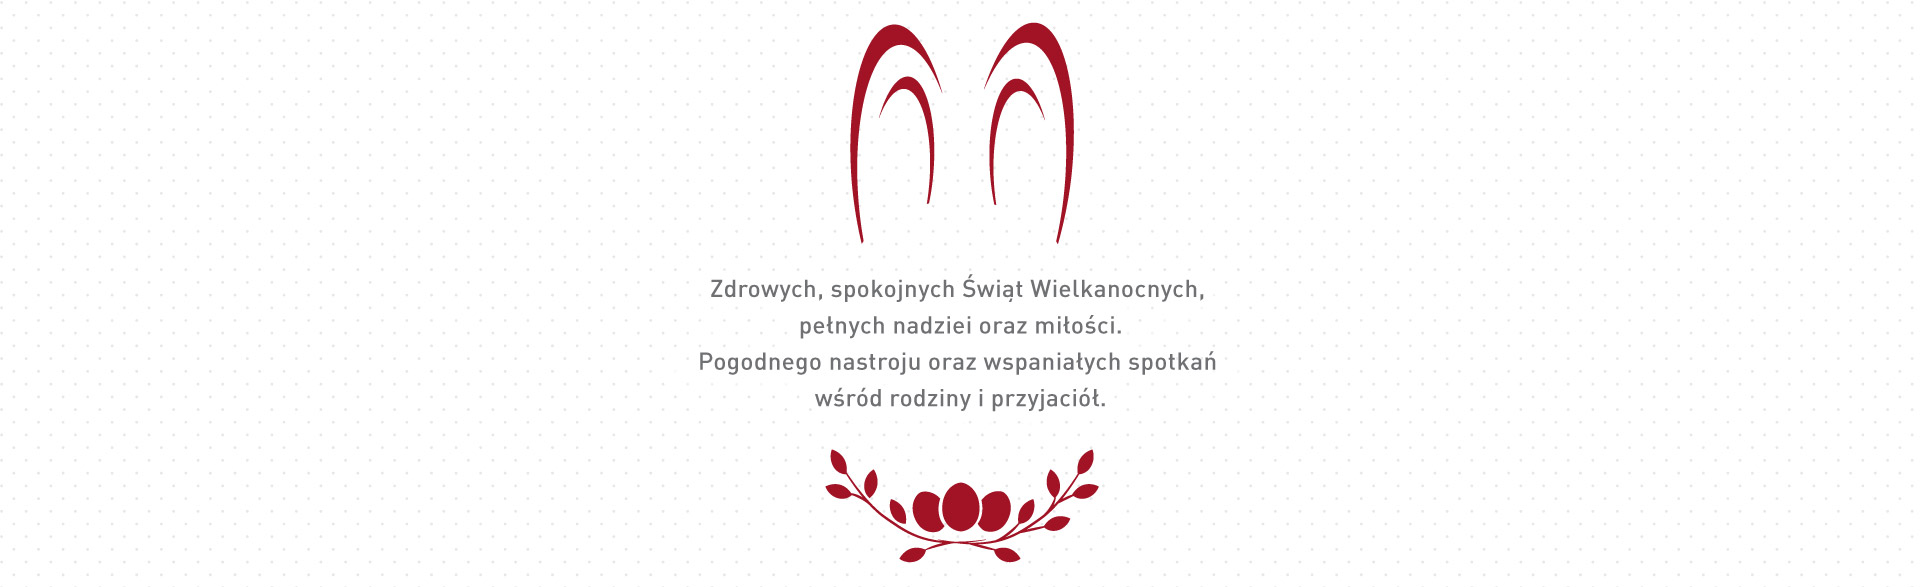 Zdrowych i spokojnych Świąt Wielkanocnych